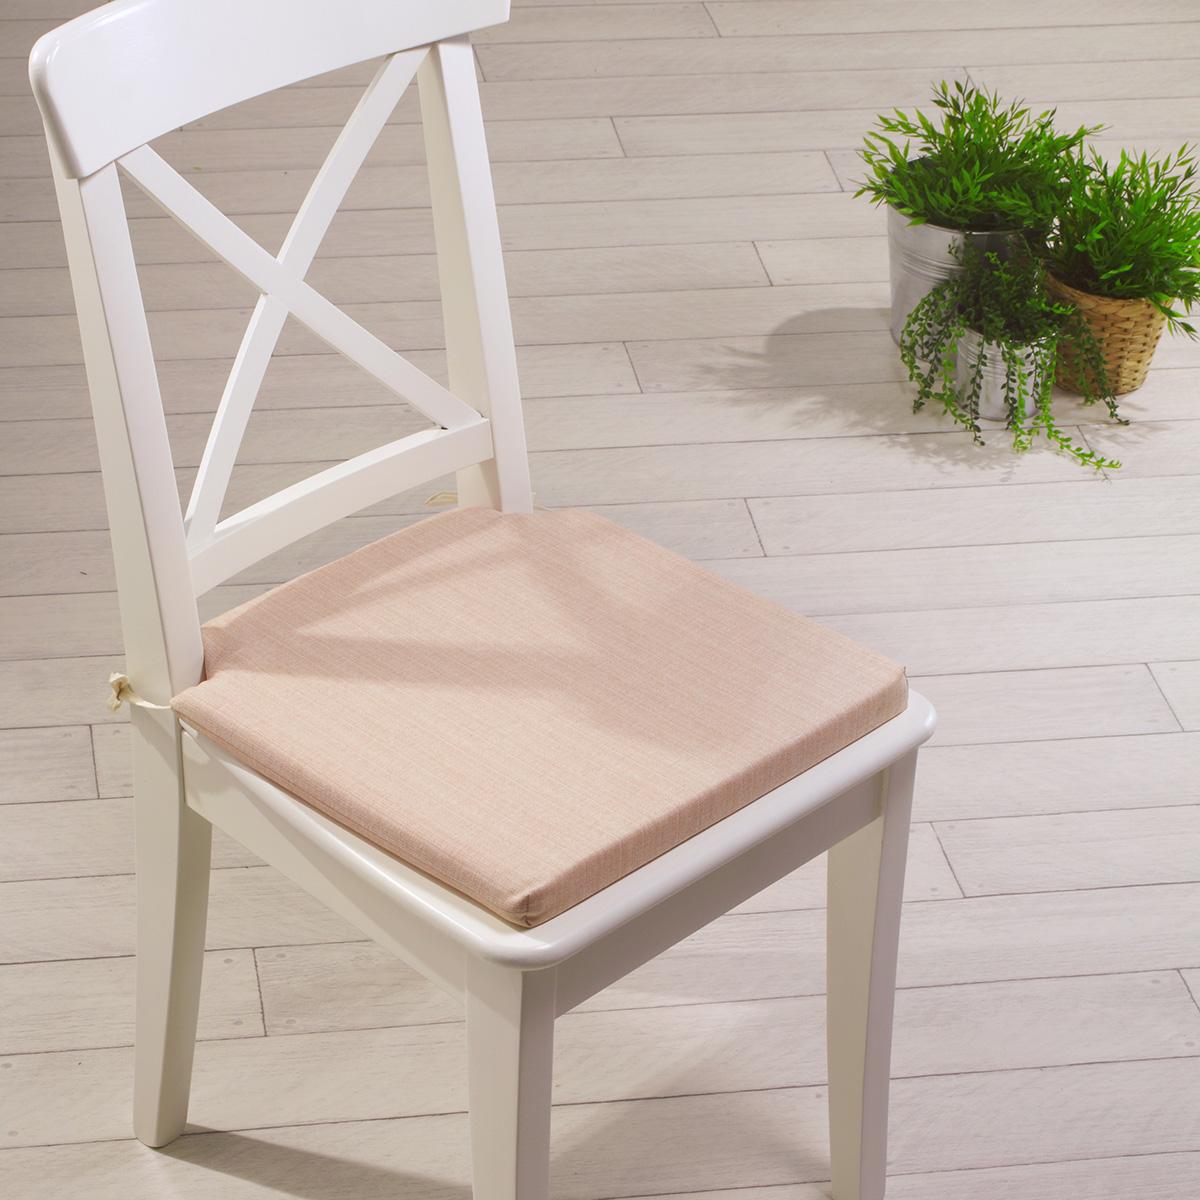 Cojines para sillas y tumbonas | Conchi Decoracón